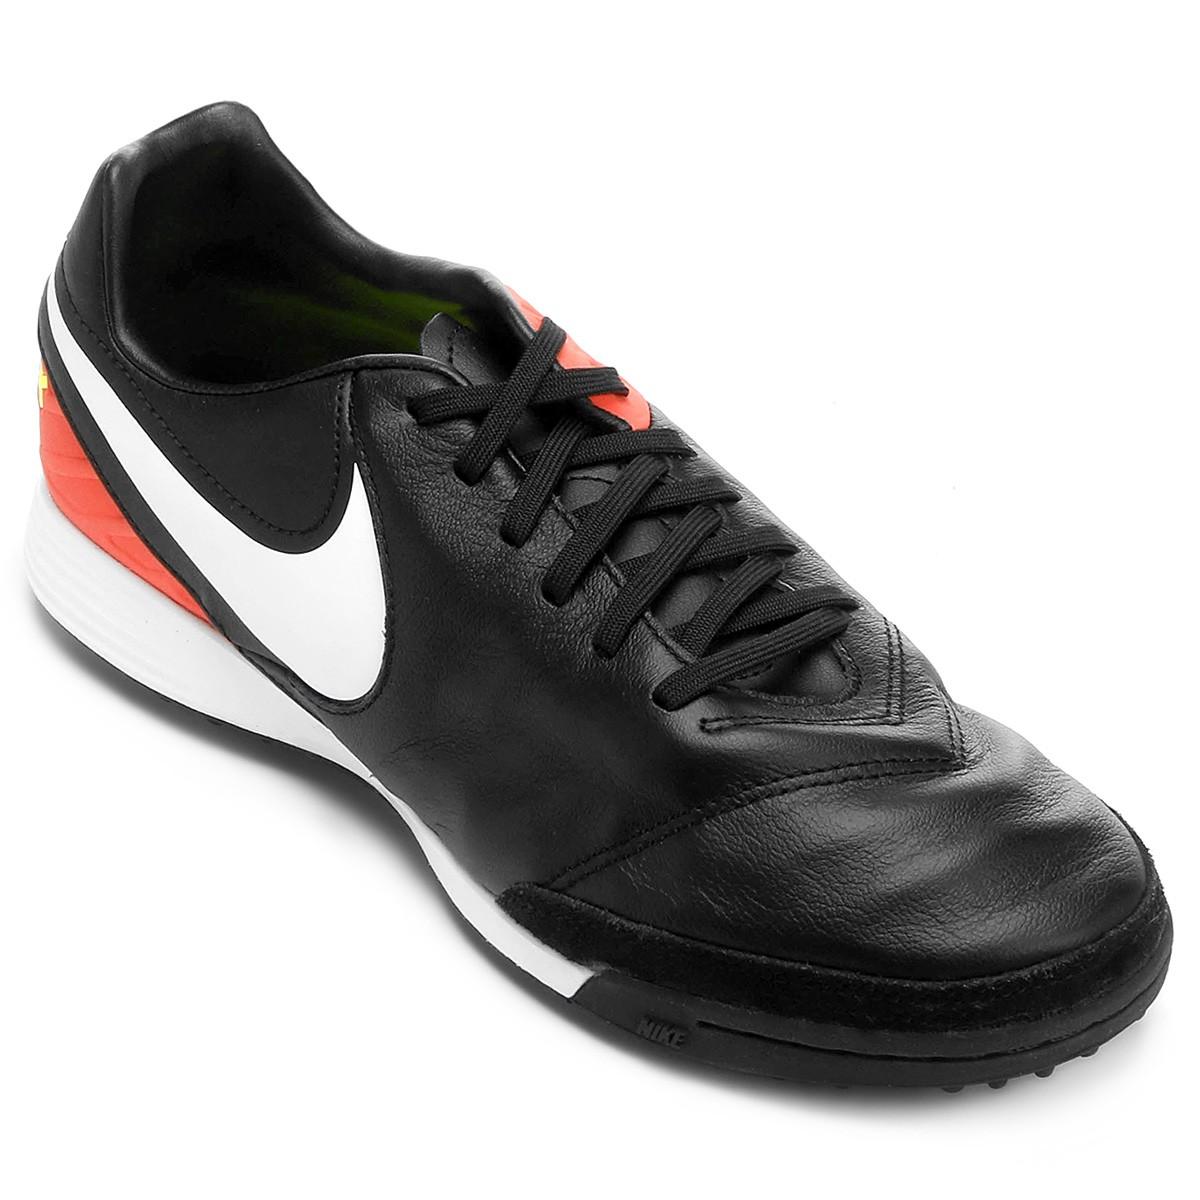 a9fc67a295 Chuteira F7 Nike Tiempo Mystic V TF 819224-018 - Preto Salmão ...